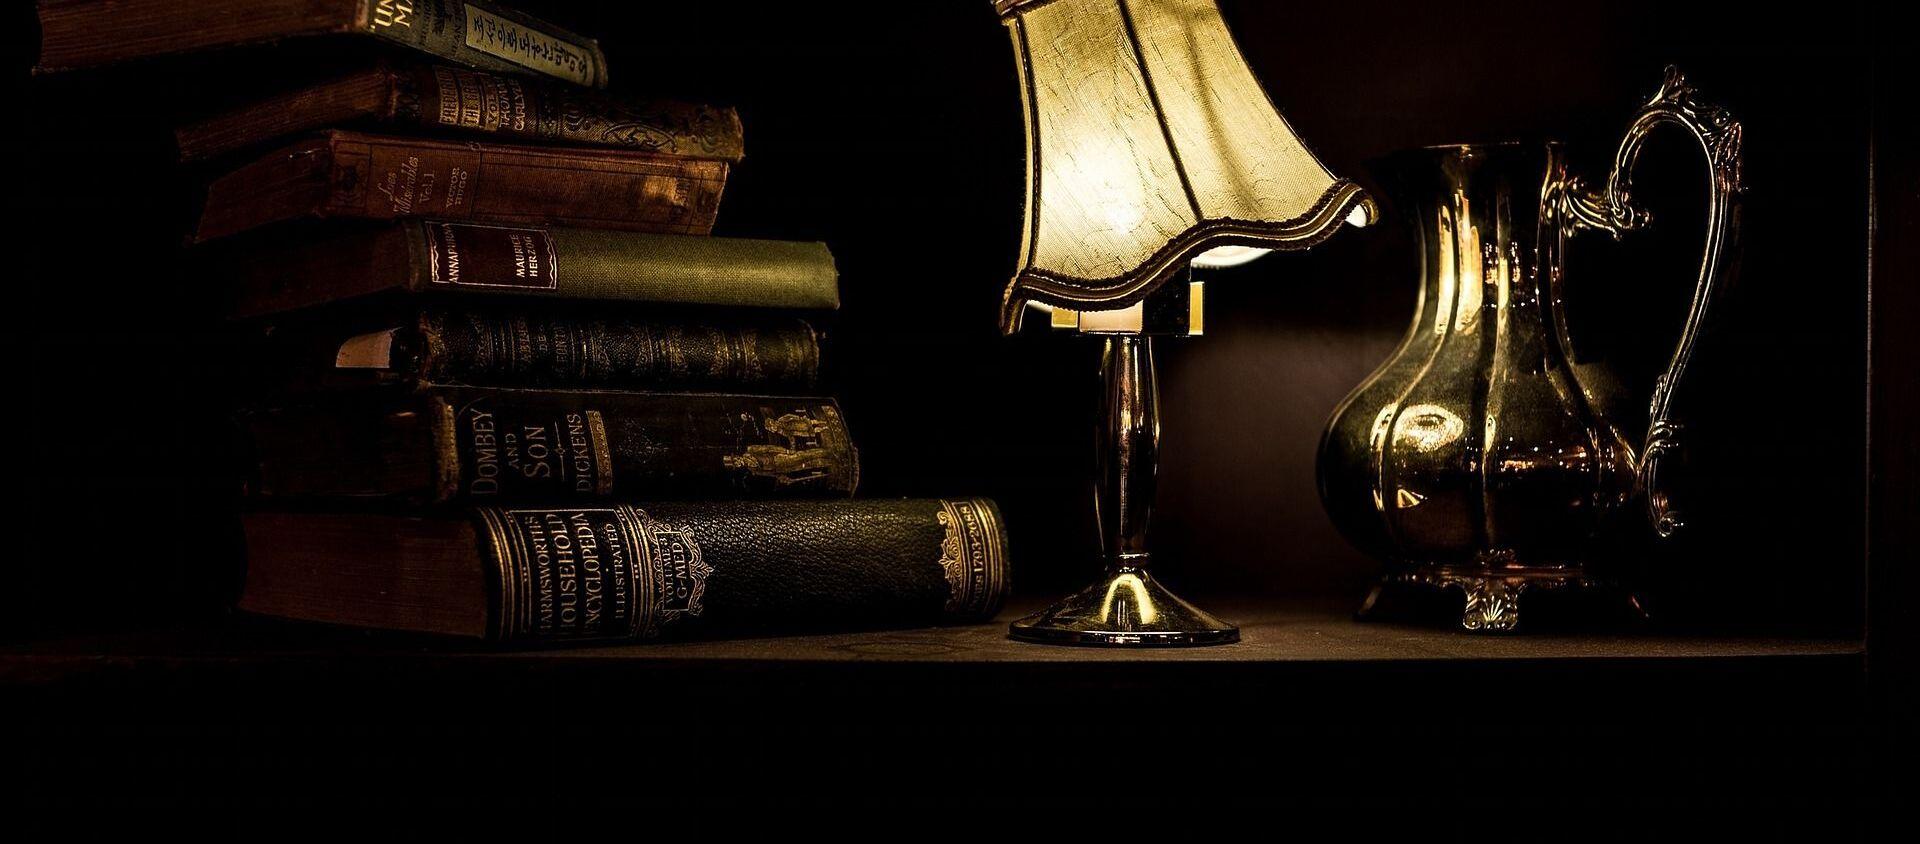 ძველი წიგნები და ღამის ნათურა საწერ მაგიდაზე - Sputnik საქართველო, 1920, 08.06.2020